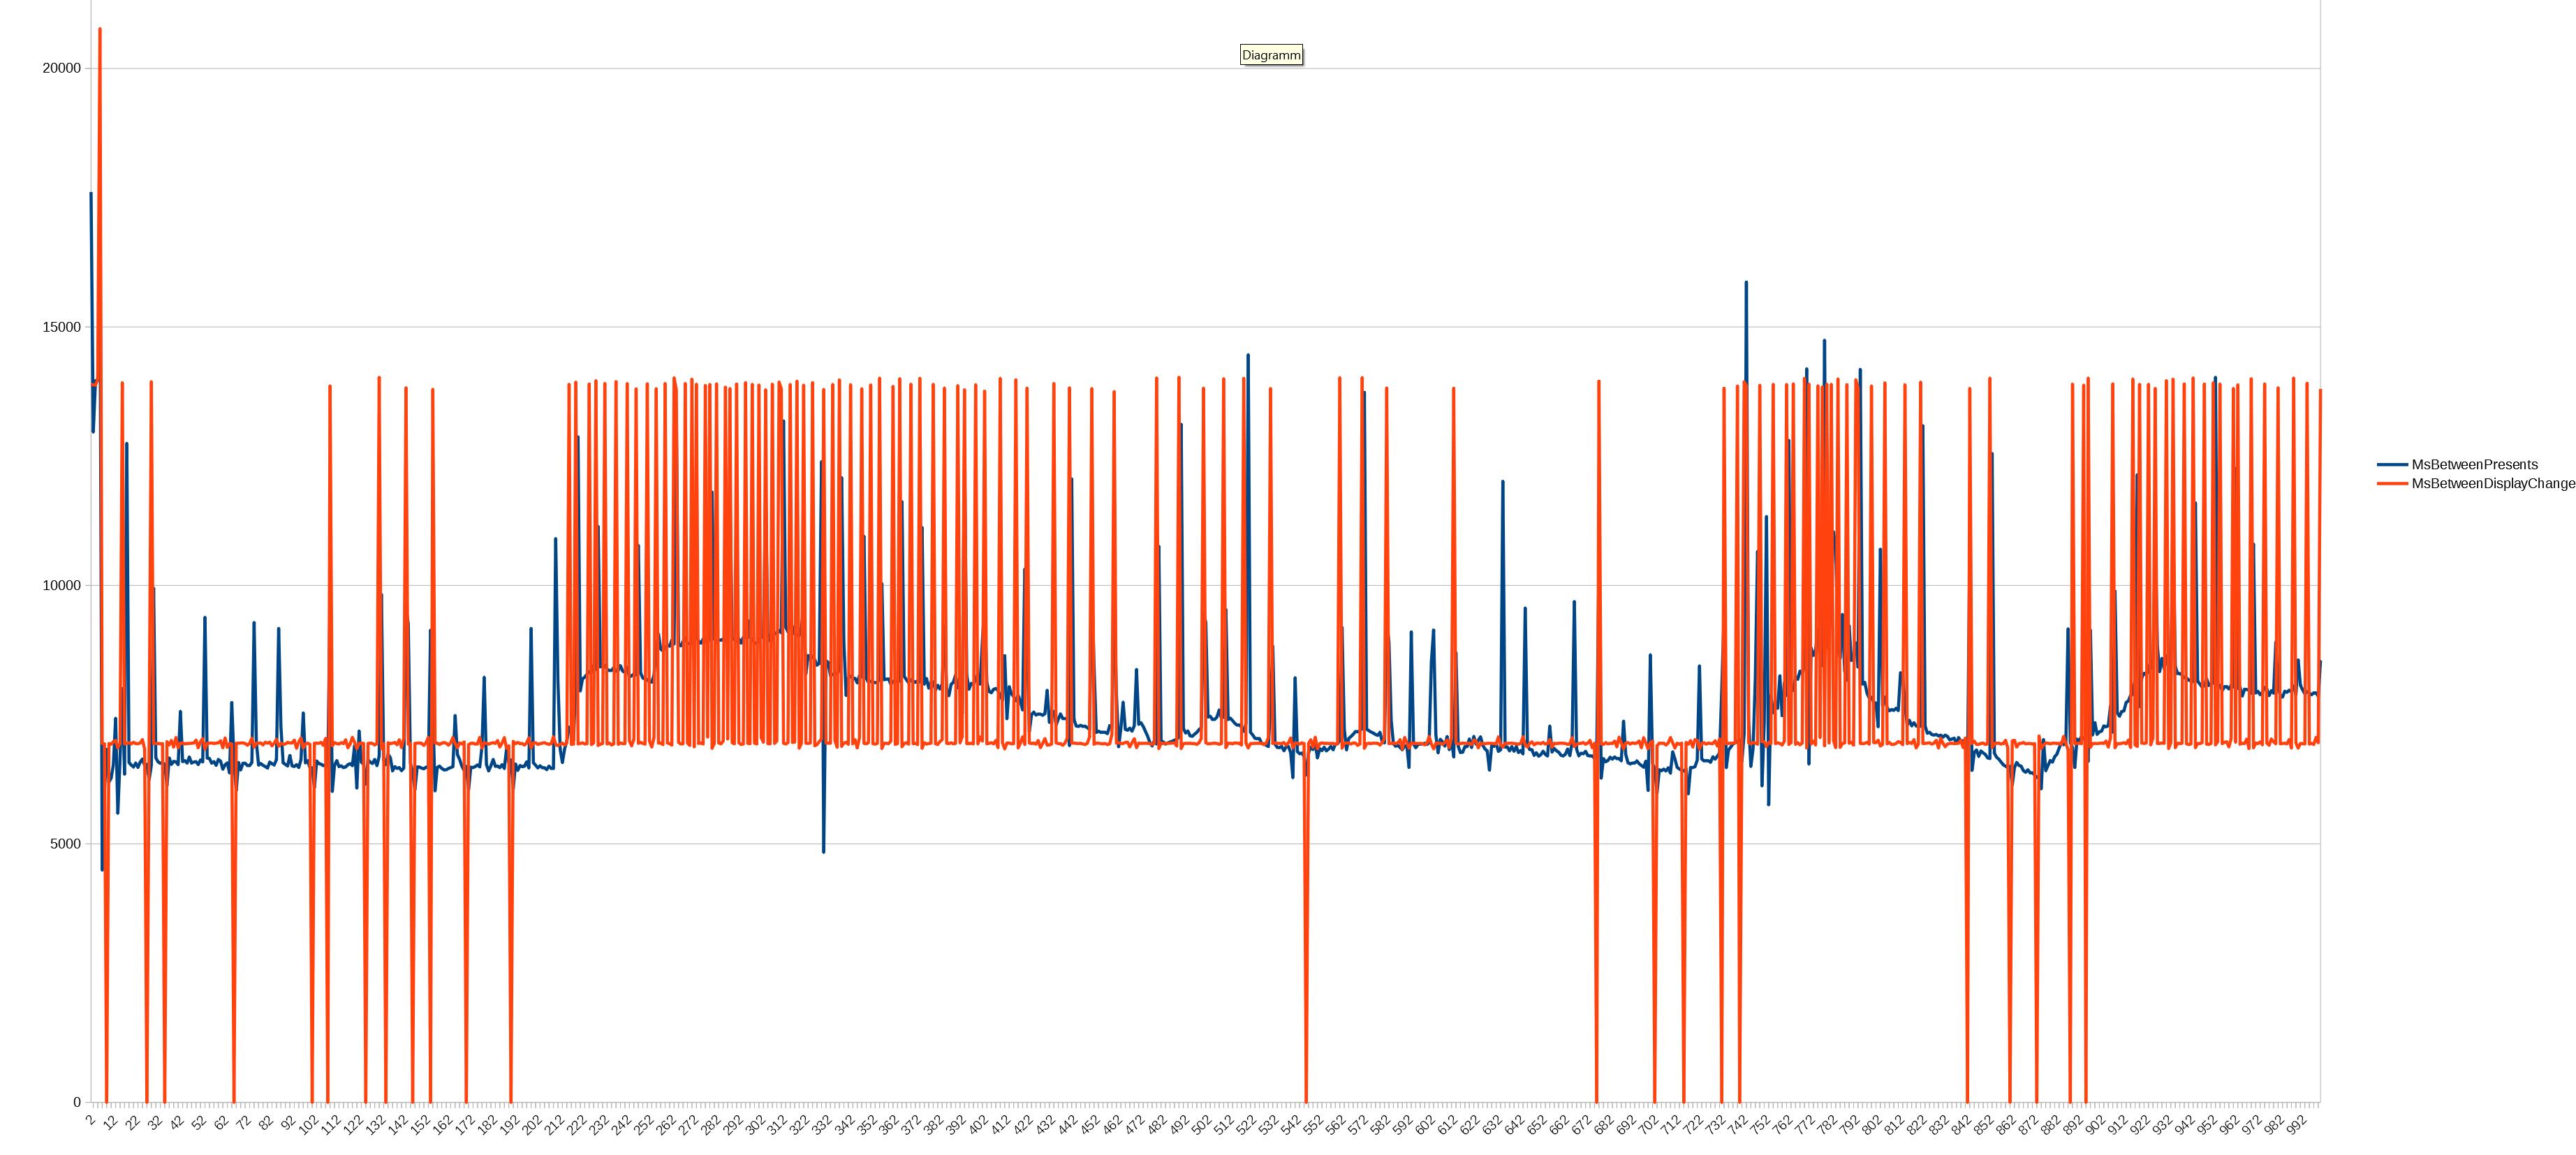 Klicken Sie auf die Grafik für eine größere Ansicht  Name:tripple.PNG Hits:15 Größe:859,9 KB ID:1028091